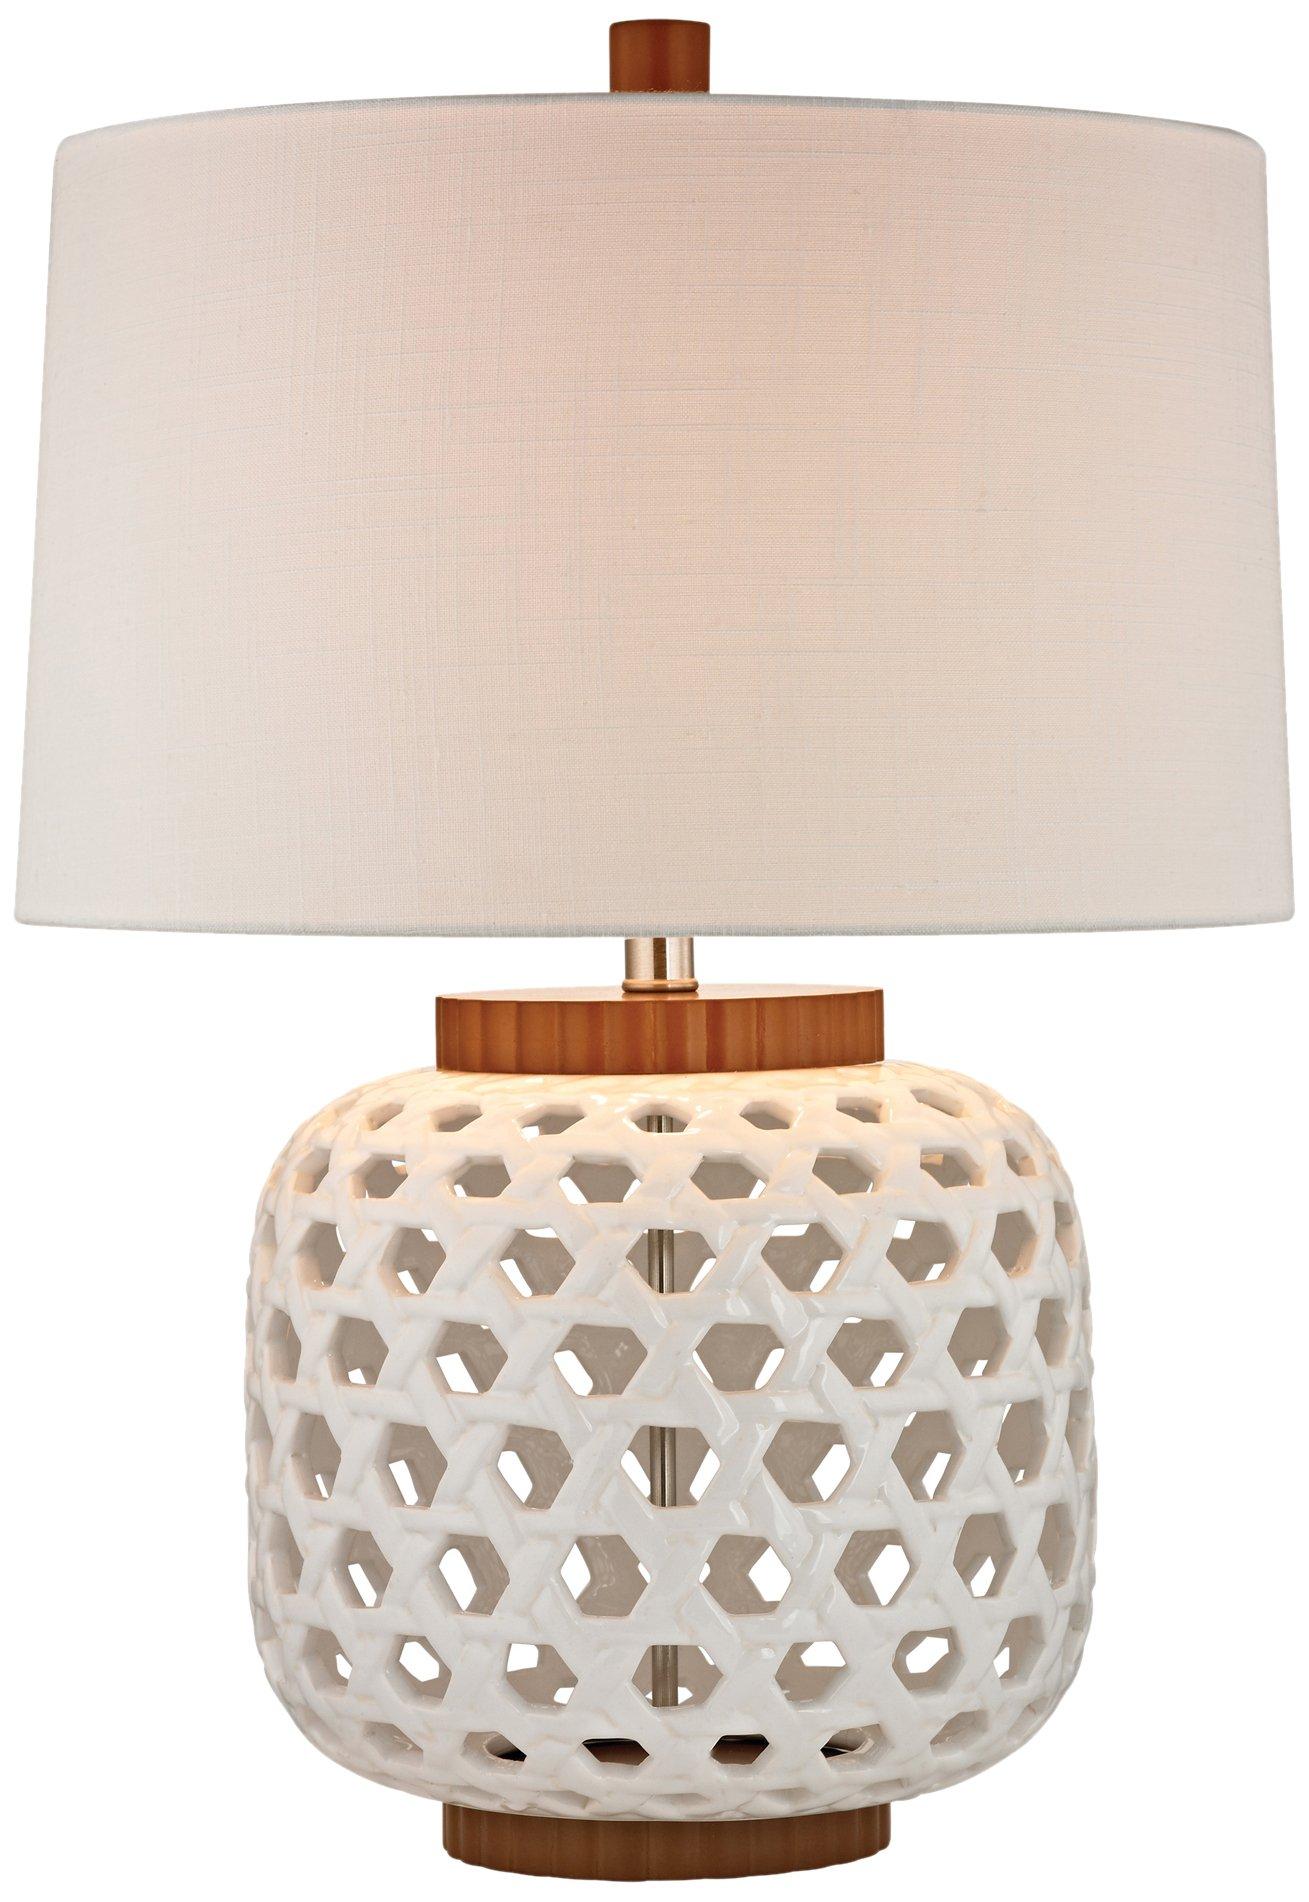 Dimond Lighting 26'' Woven Ceramic Table Lamp, White